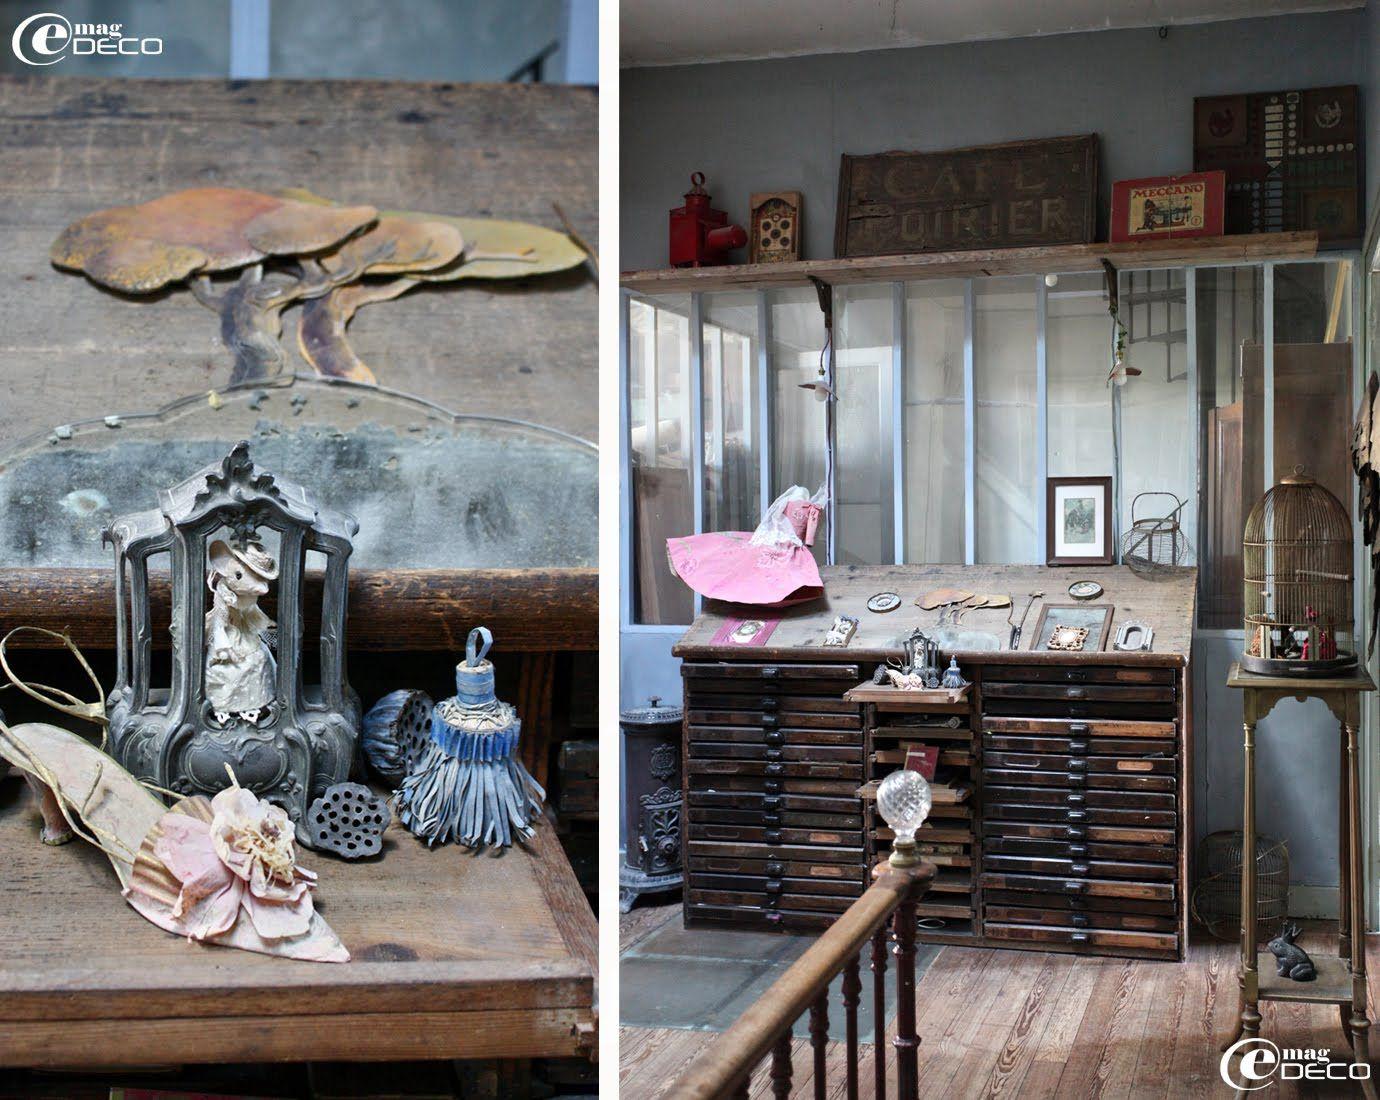 vieux meuble d 39 imprimerie devant une verri re dans la cage d 39 escalier chez miss clara. Black Bedroom Furniture Sets. Home Design Ideas